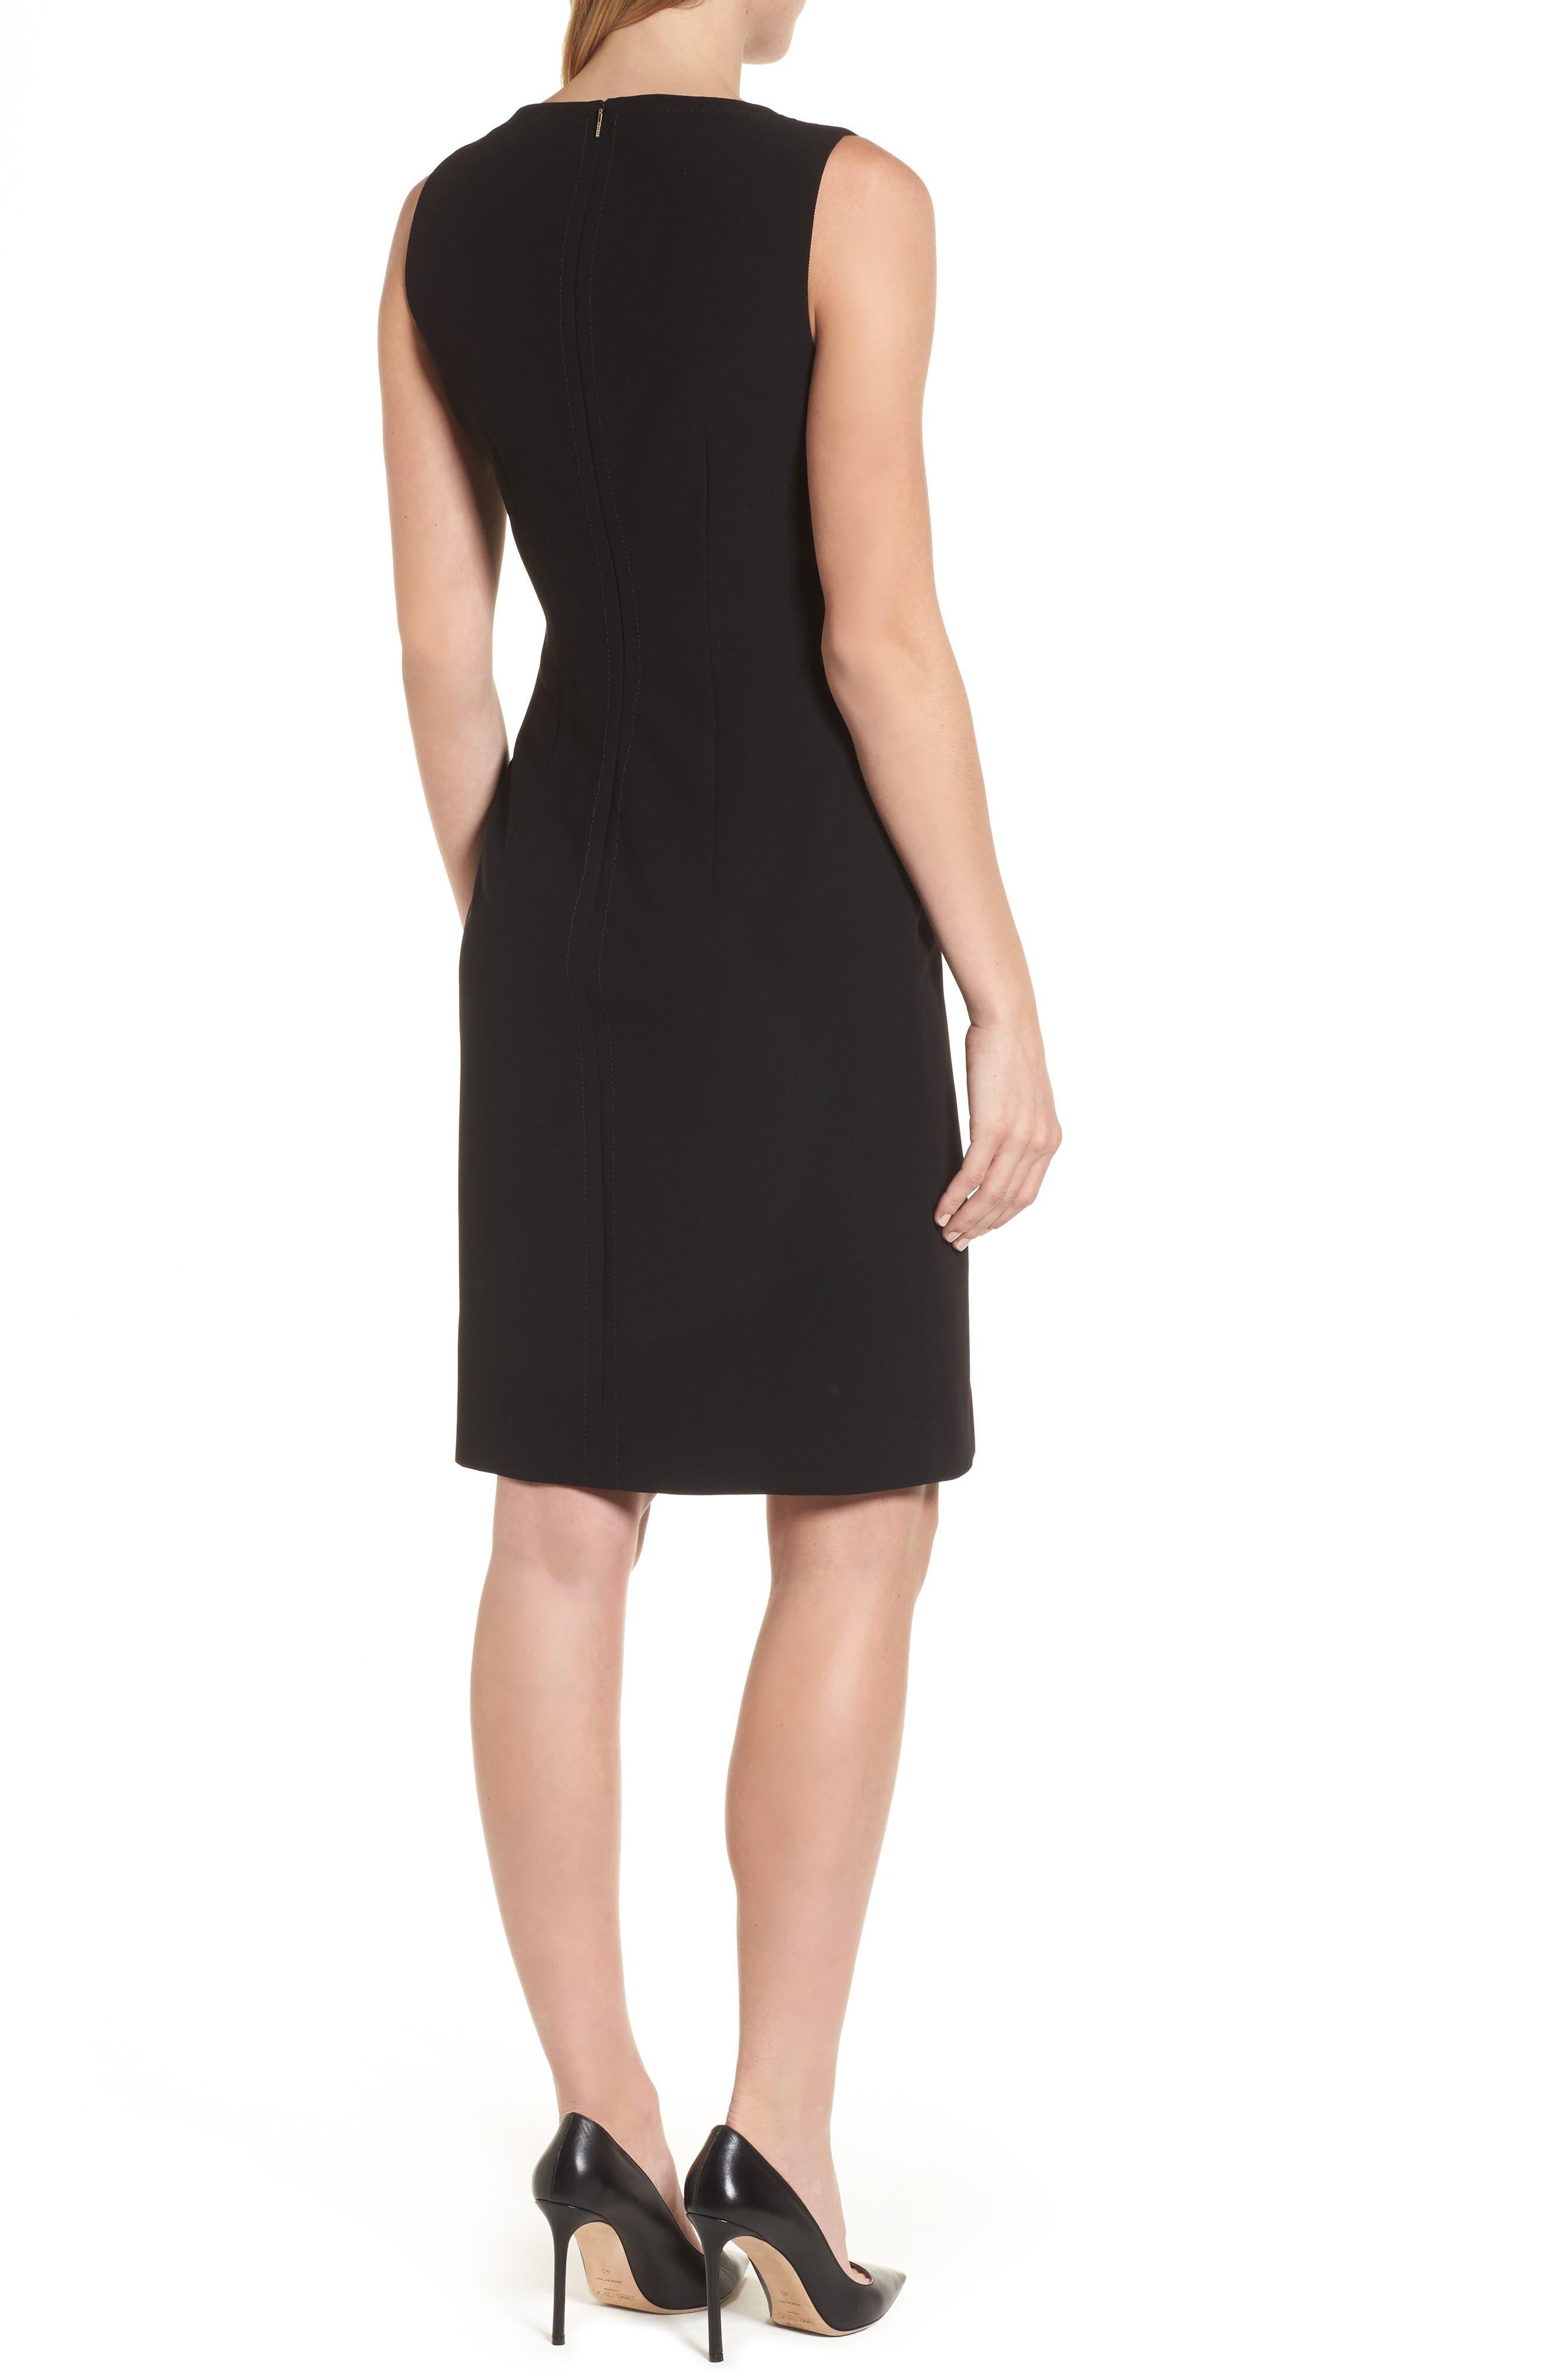 Dilamena Crepe Sheath Dress,                             Alternate thumbnail 2, color,                             Black